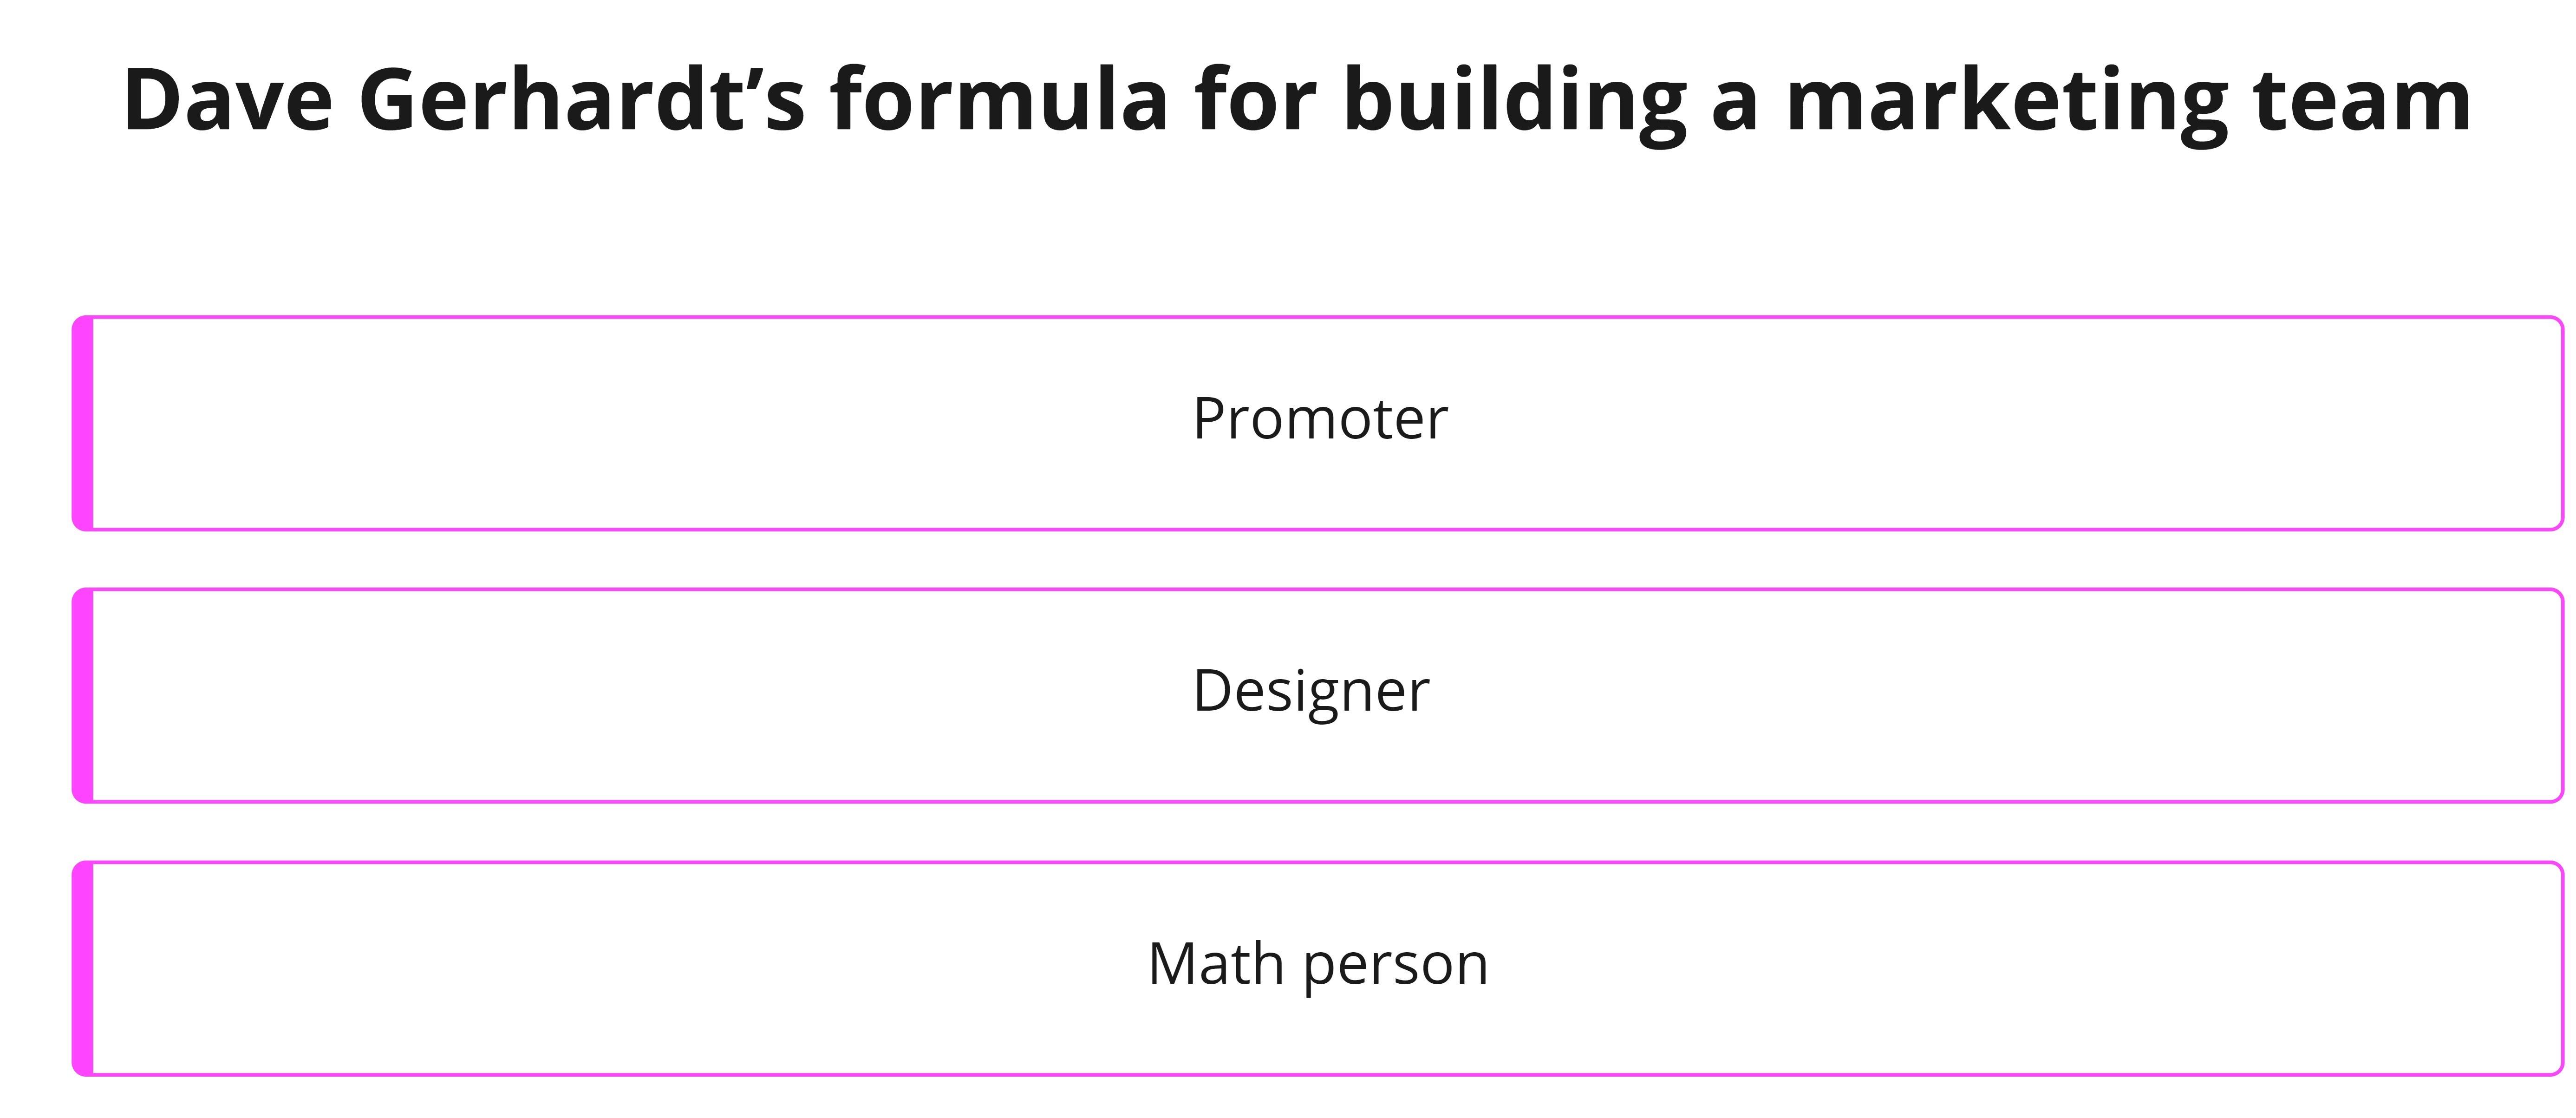 Dave Gerhardt's formula for building a marketing team